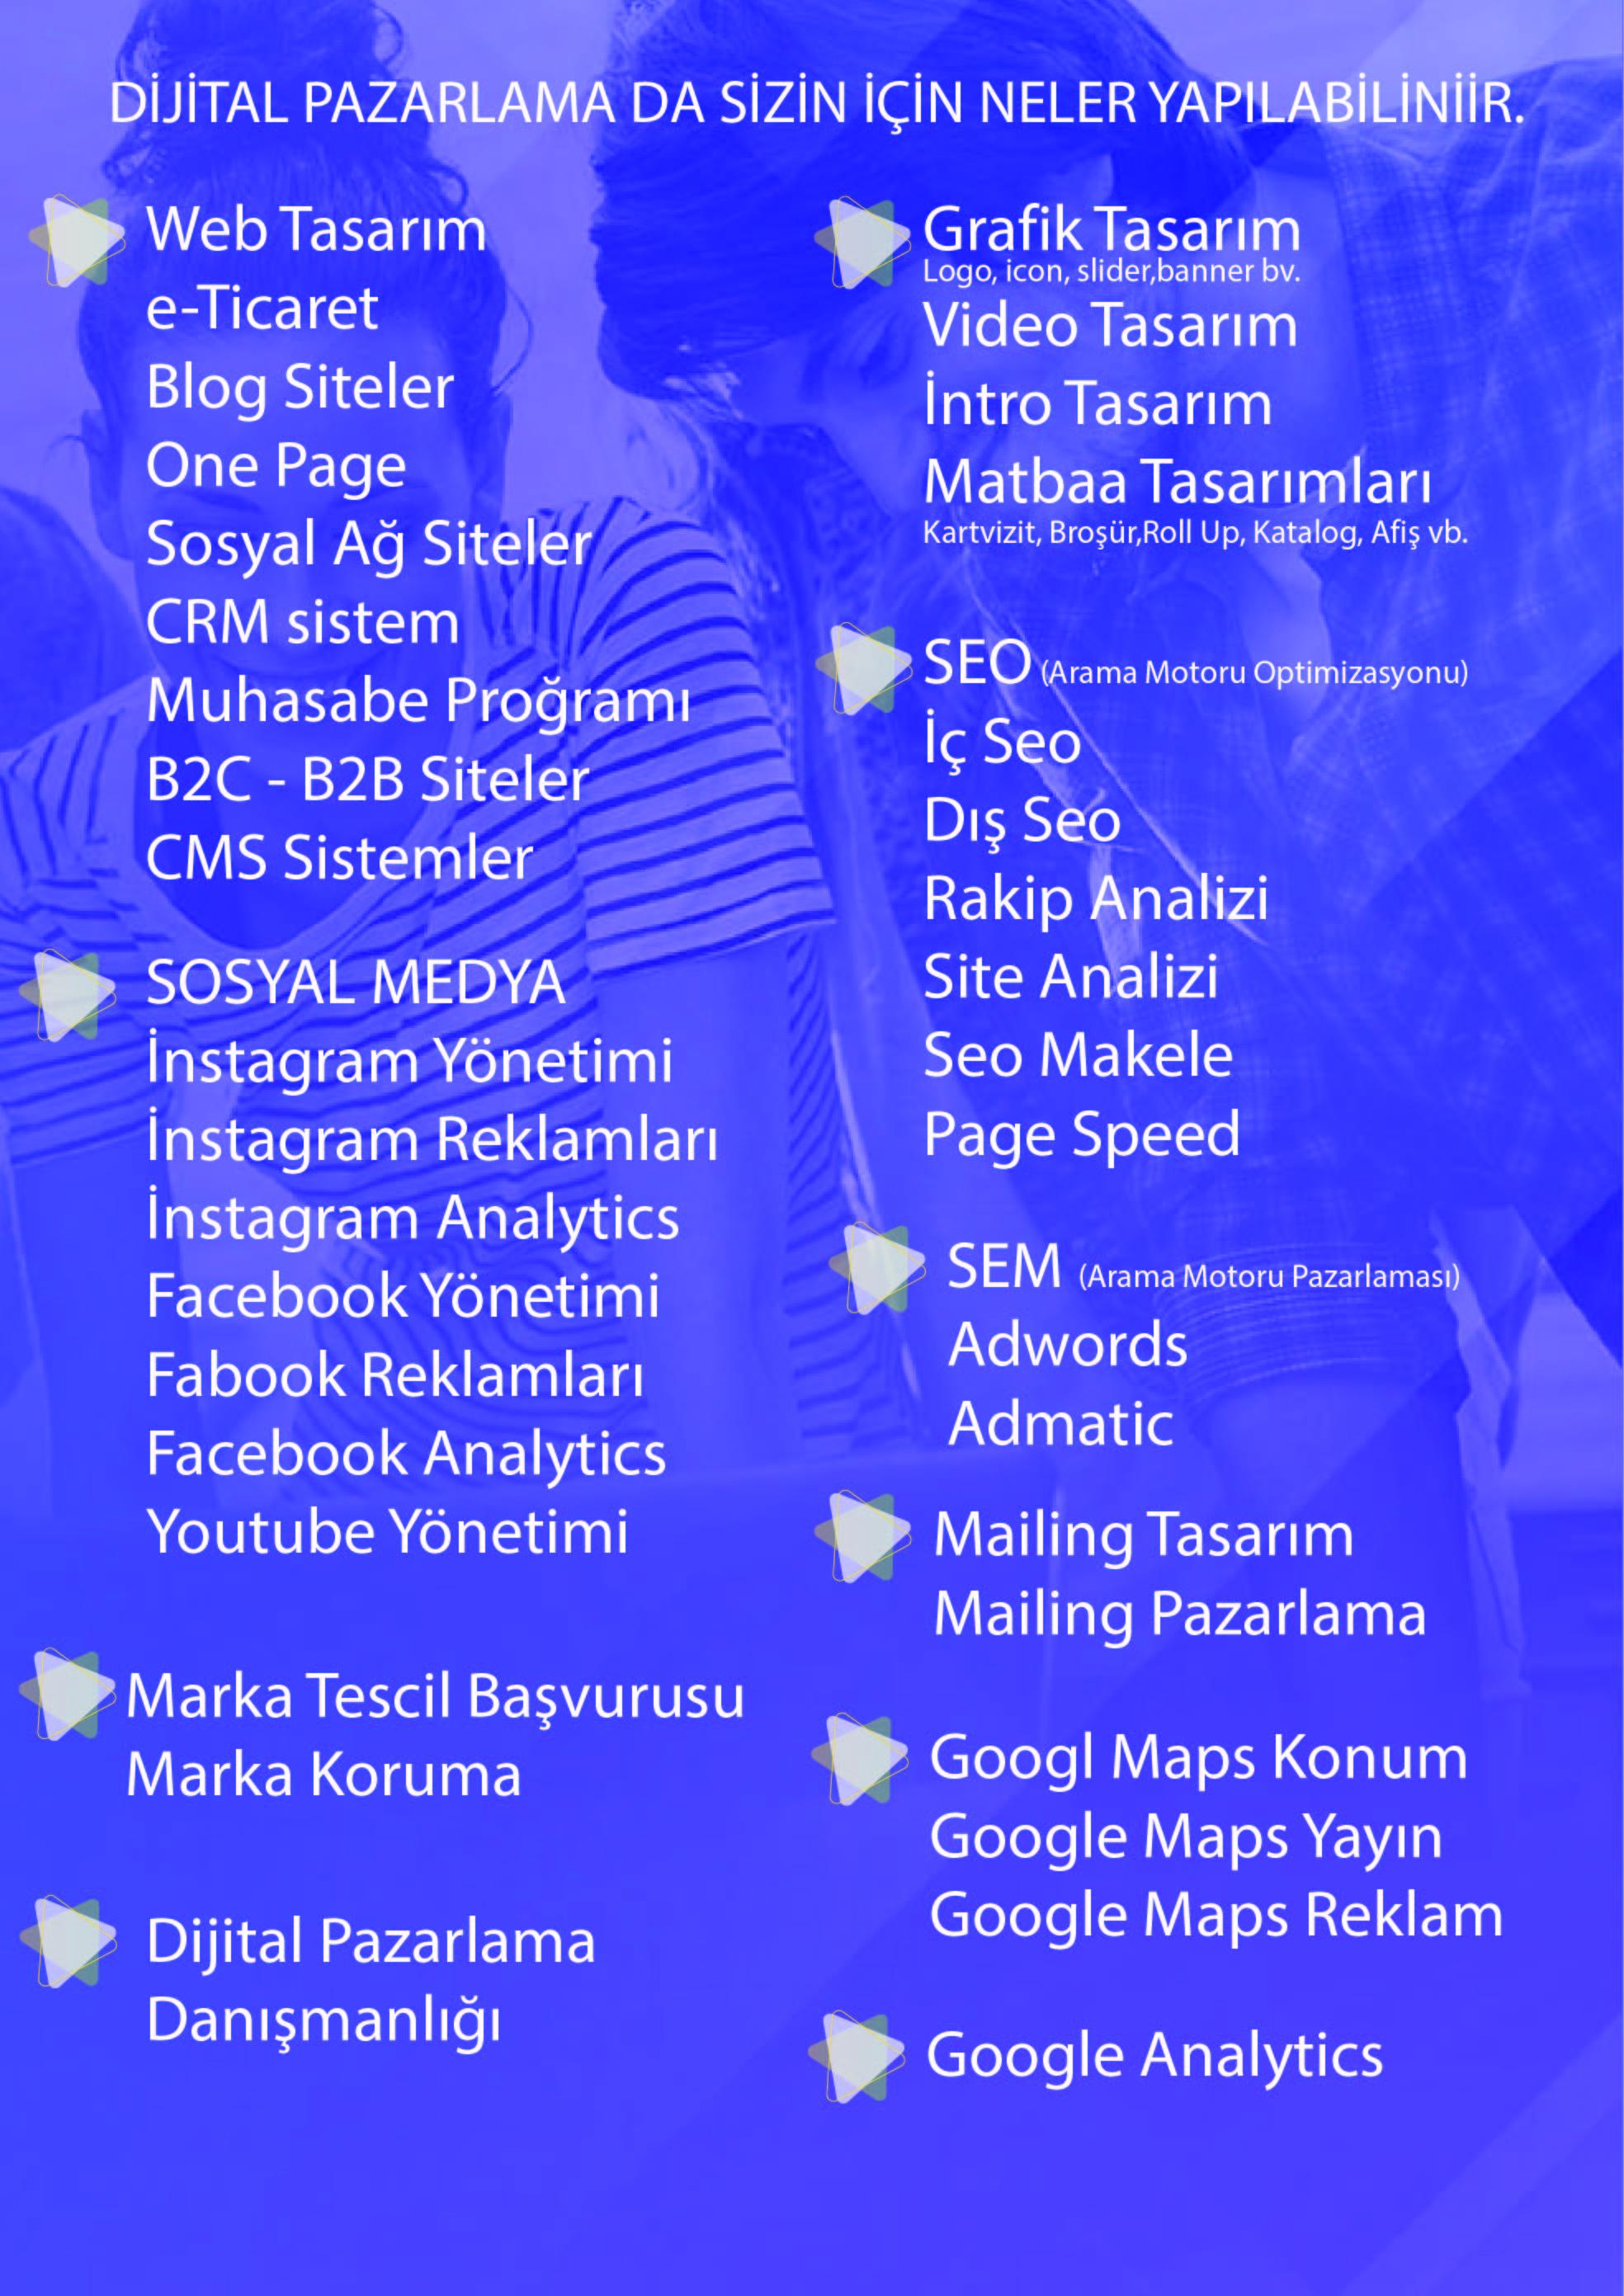 dijital-pazarlama-uzmanı-cumhur-sayar (7)